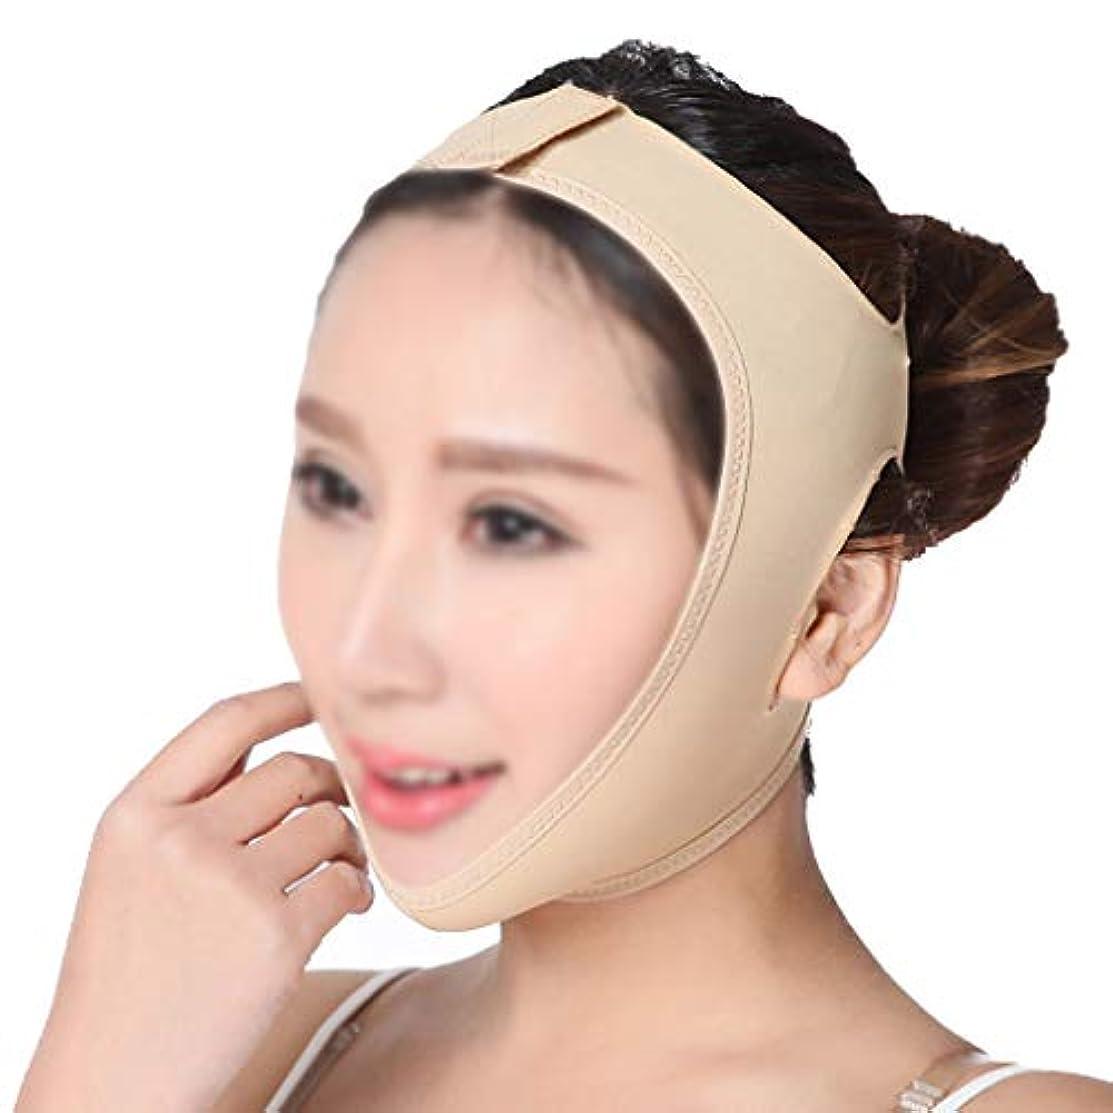 人道的液化する口述XHLMRMJ 薄い顔包帯顔スリム二重あごを取り除くVラインの顔の形を作成するあごの頬リフトアップ抗しわを持ち上げるベルトフェイスマッサージツール (Size : XL)